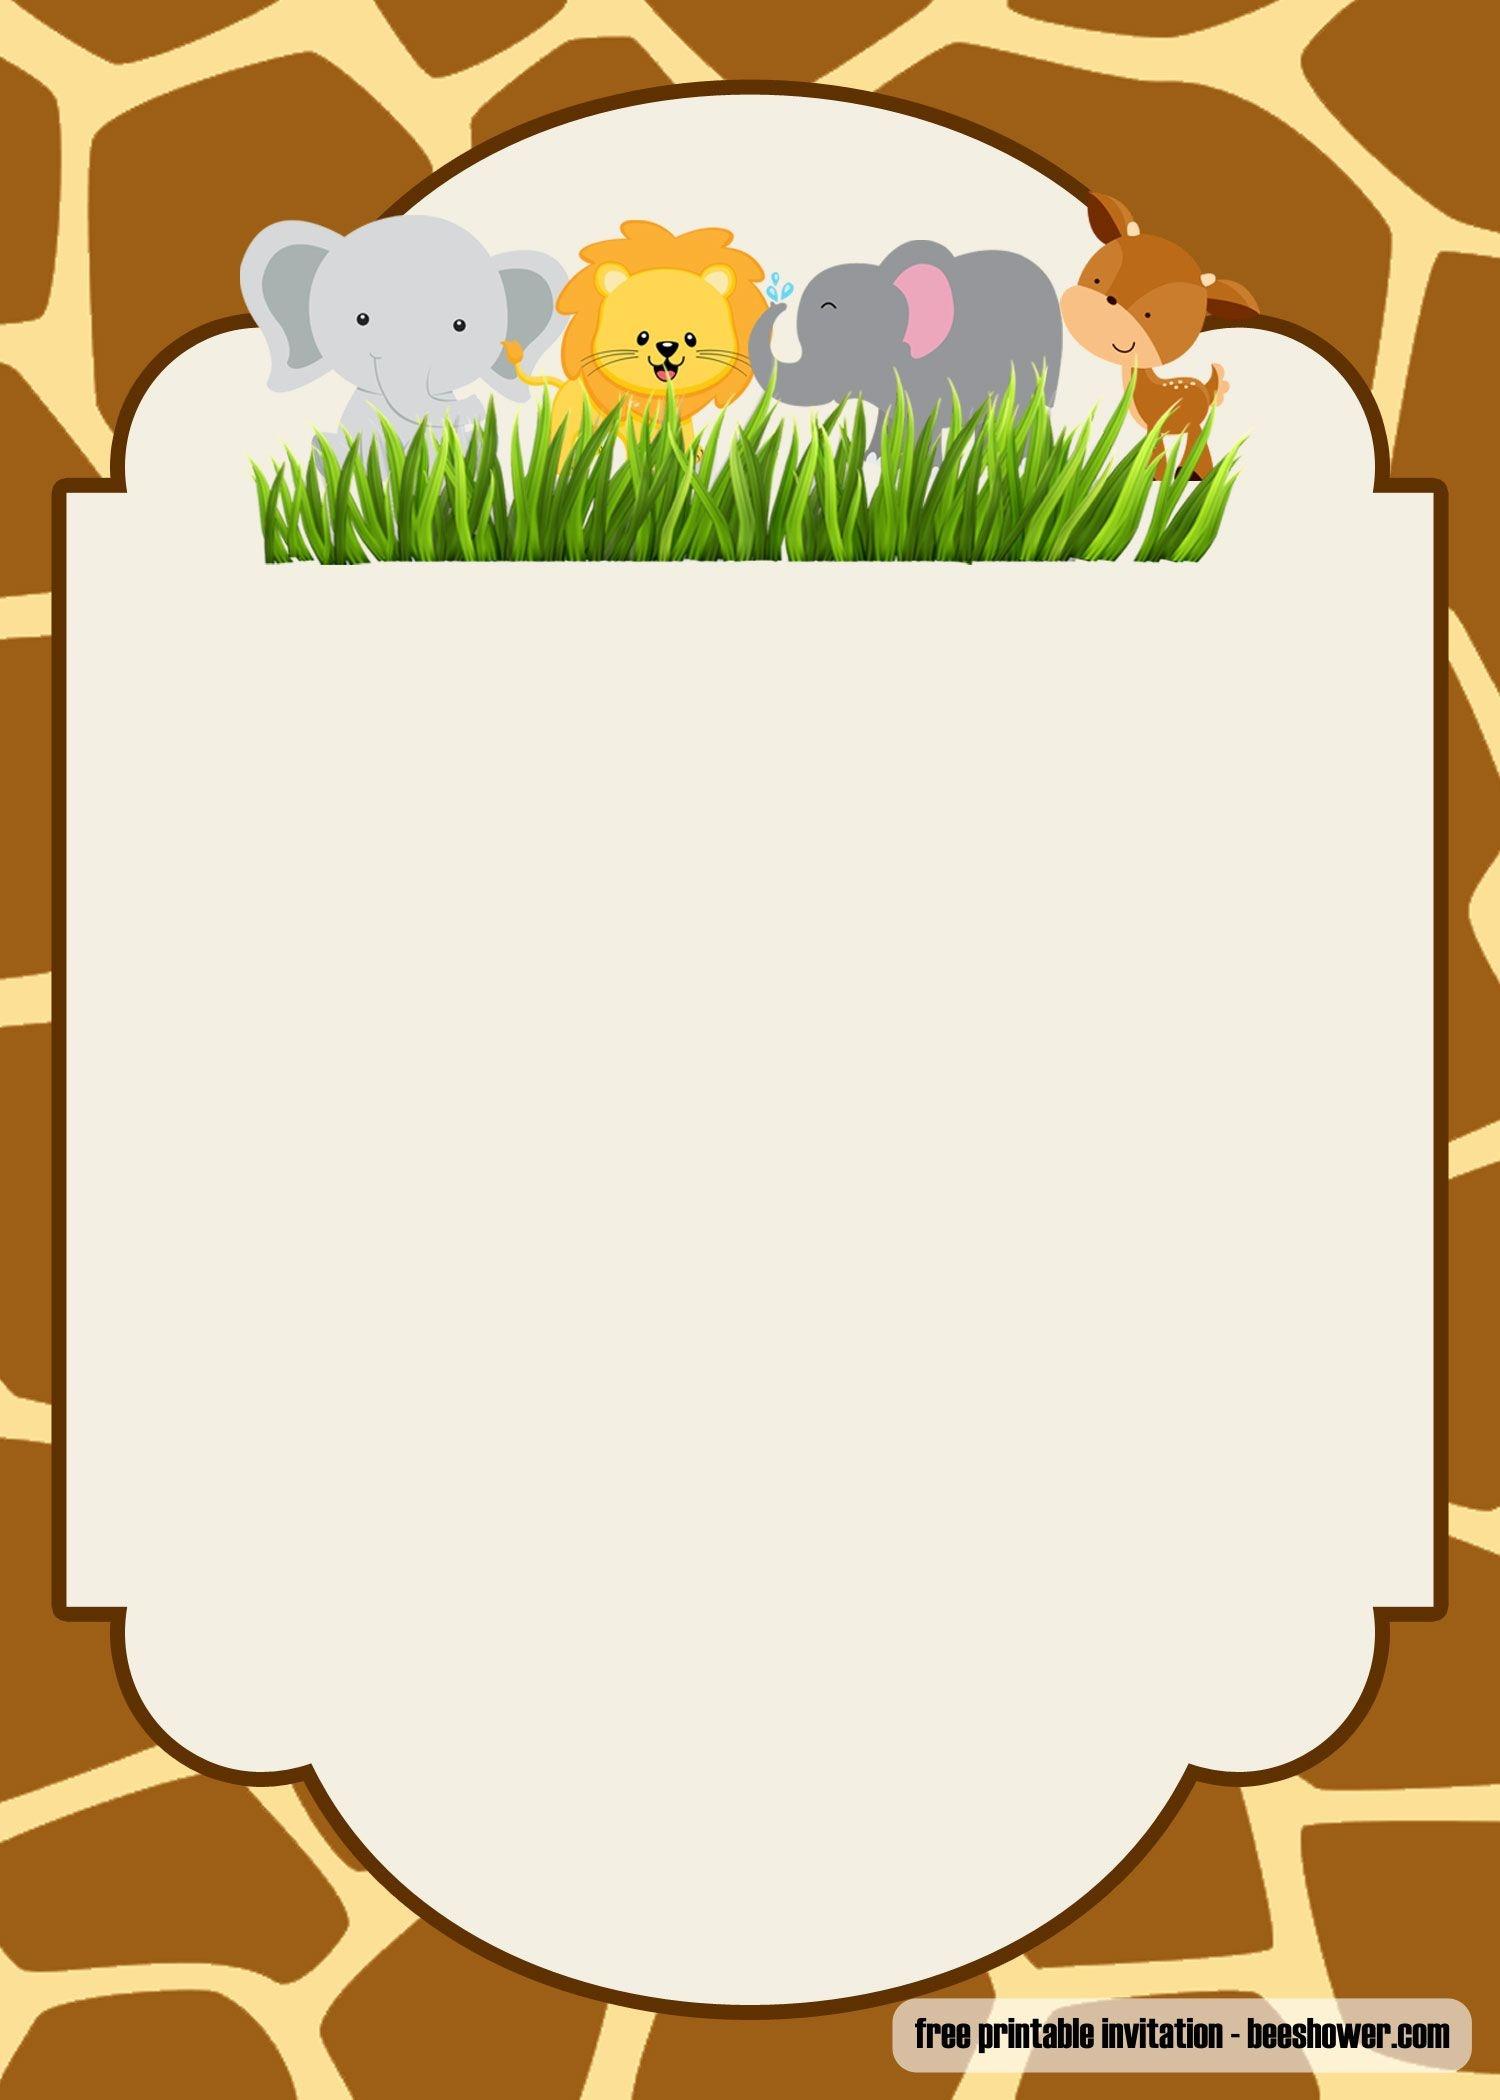 Cool Free Printable Safari Baby Shower Invitations Templates - Free Printable Baby Cards Templates